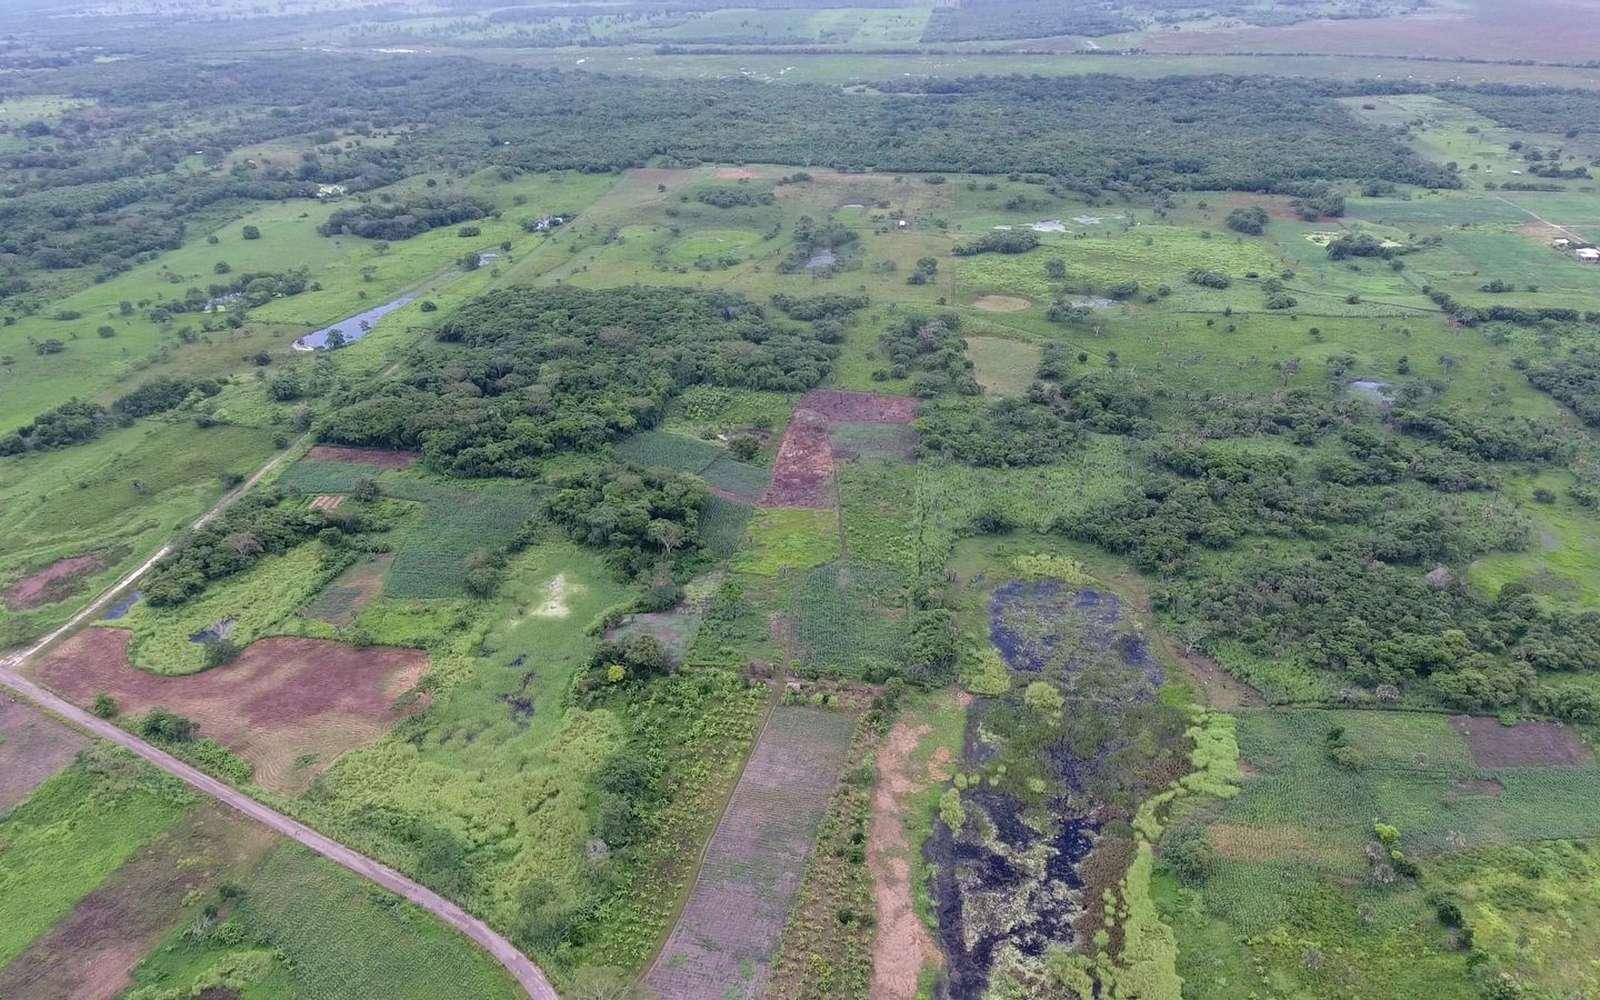 Vue aérienne d'Aguada Fénix, située au Mexique © Takeshi Inomata